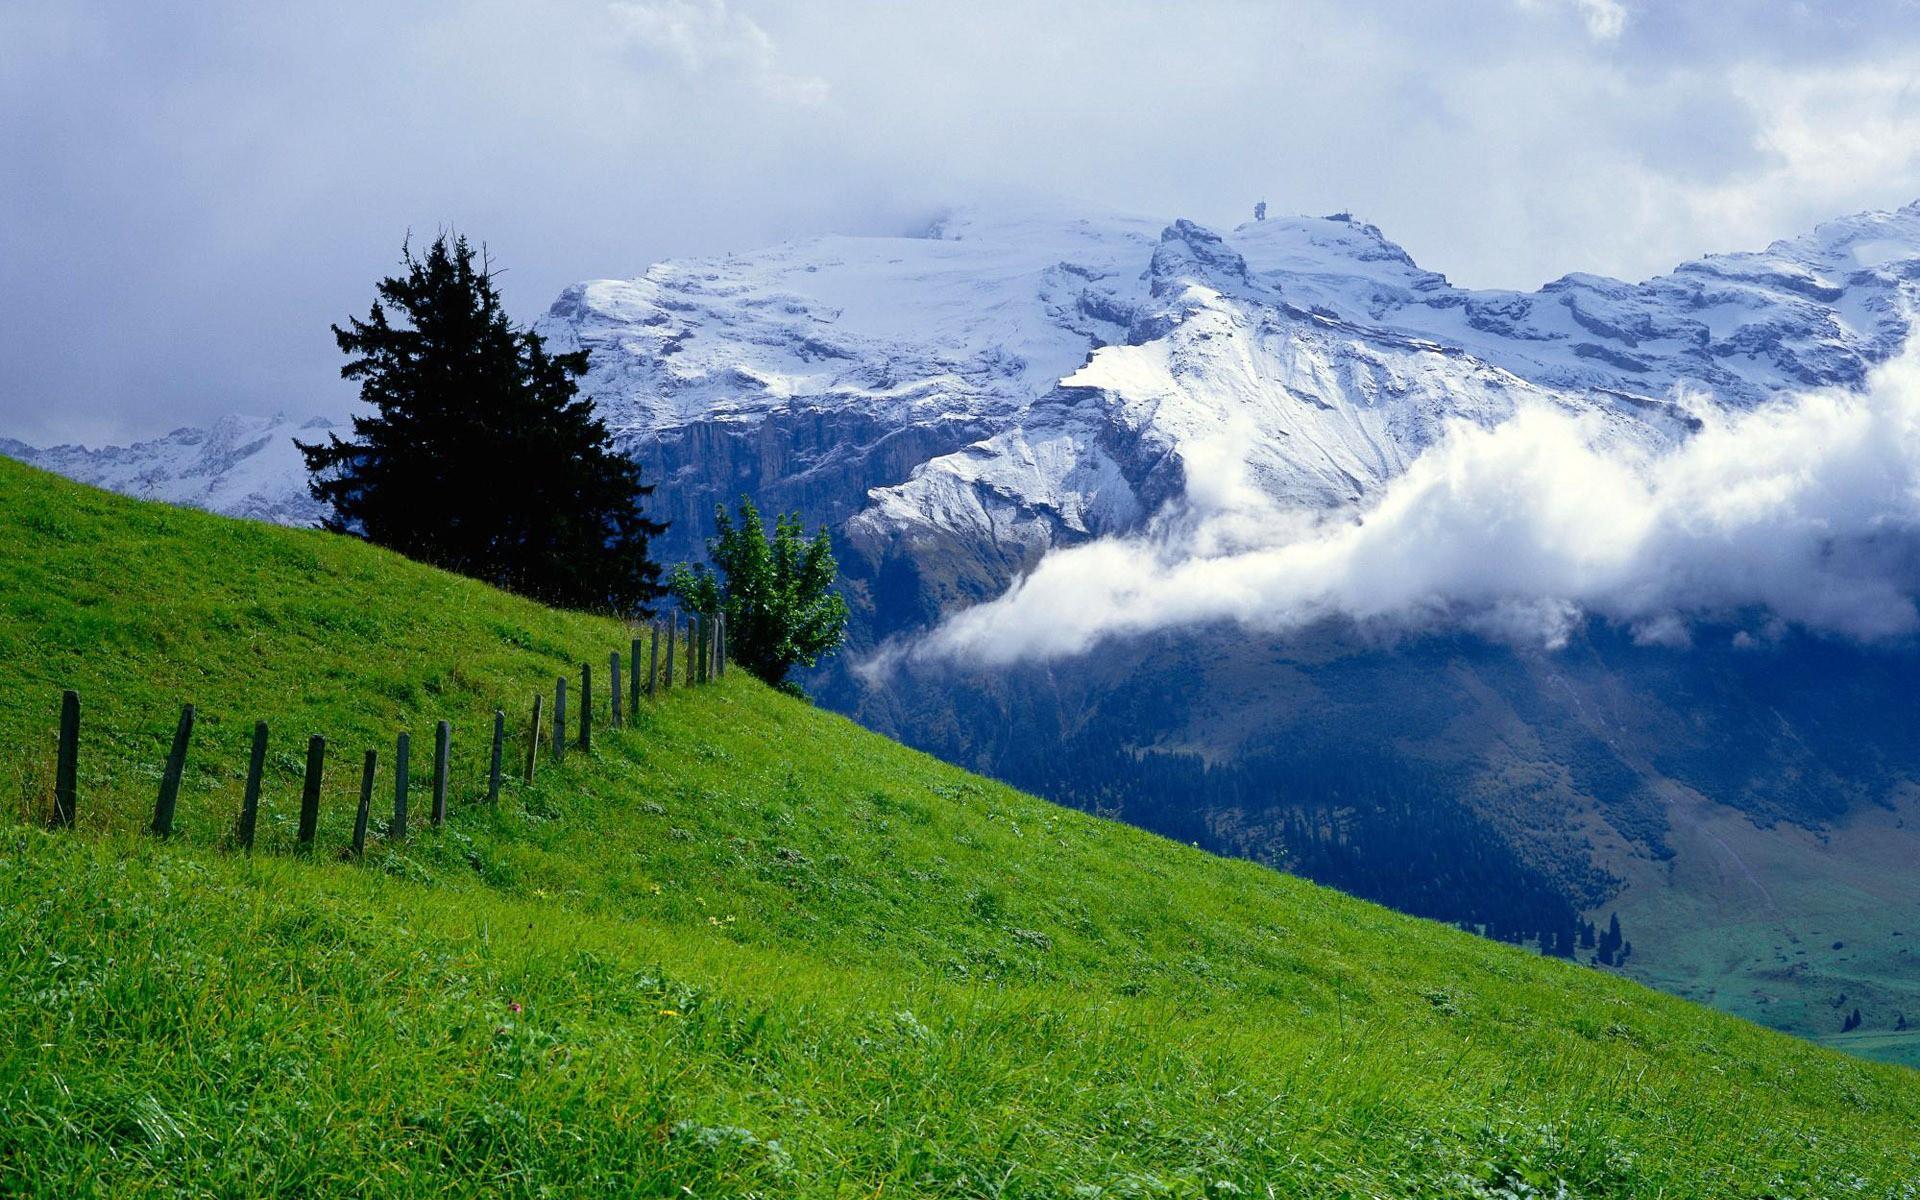 Paisaje verde y montañas - 1920x1200